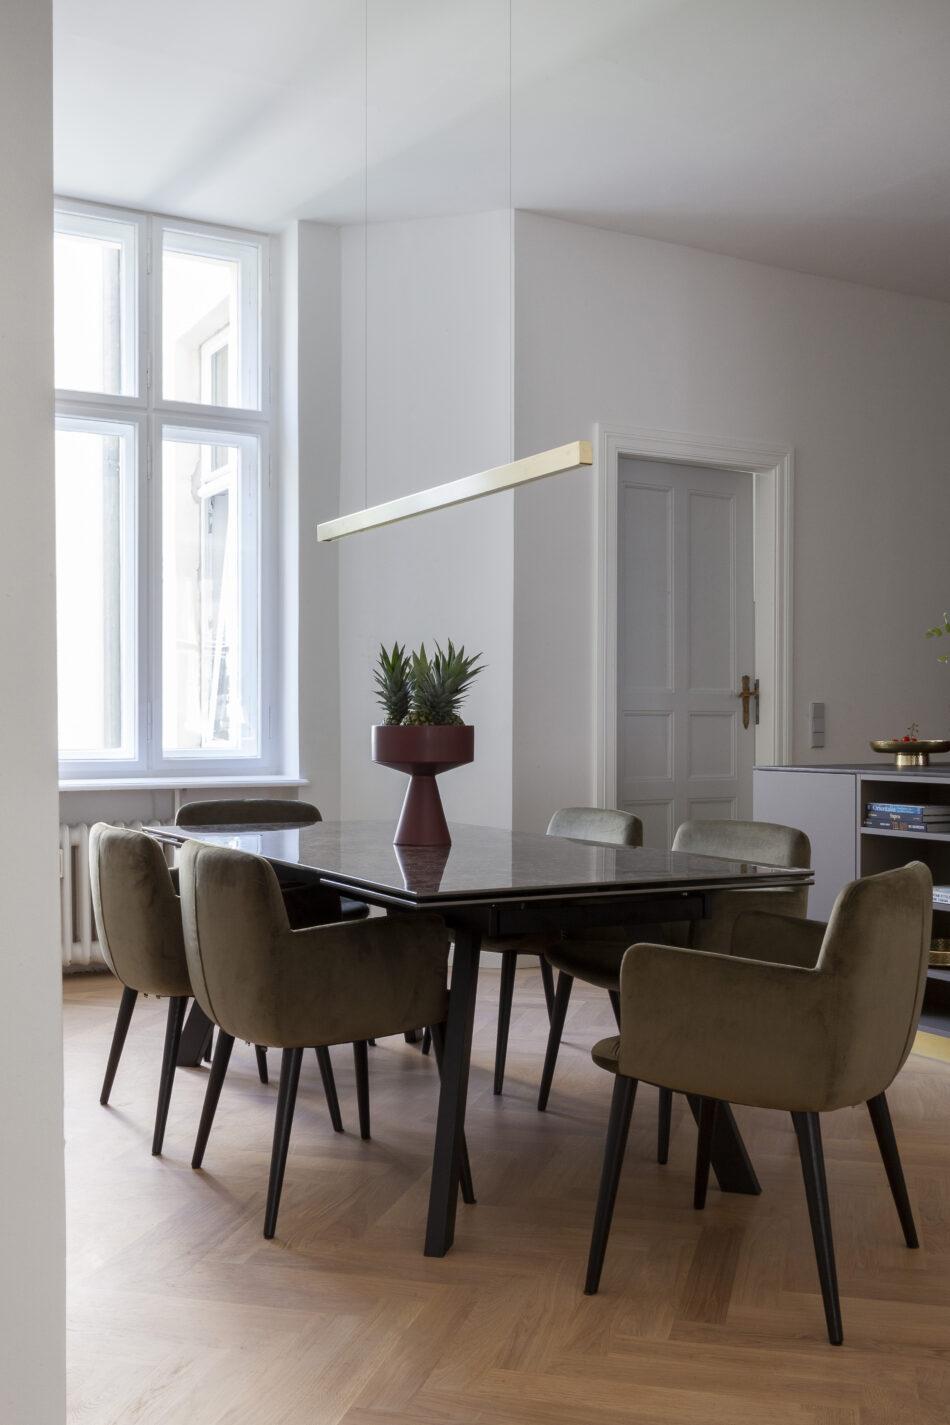 Antonius Schimmelbusch_Apartment_Berlin_Anne-Catherine Scoffoni_privat_25